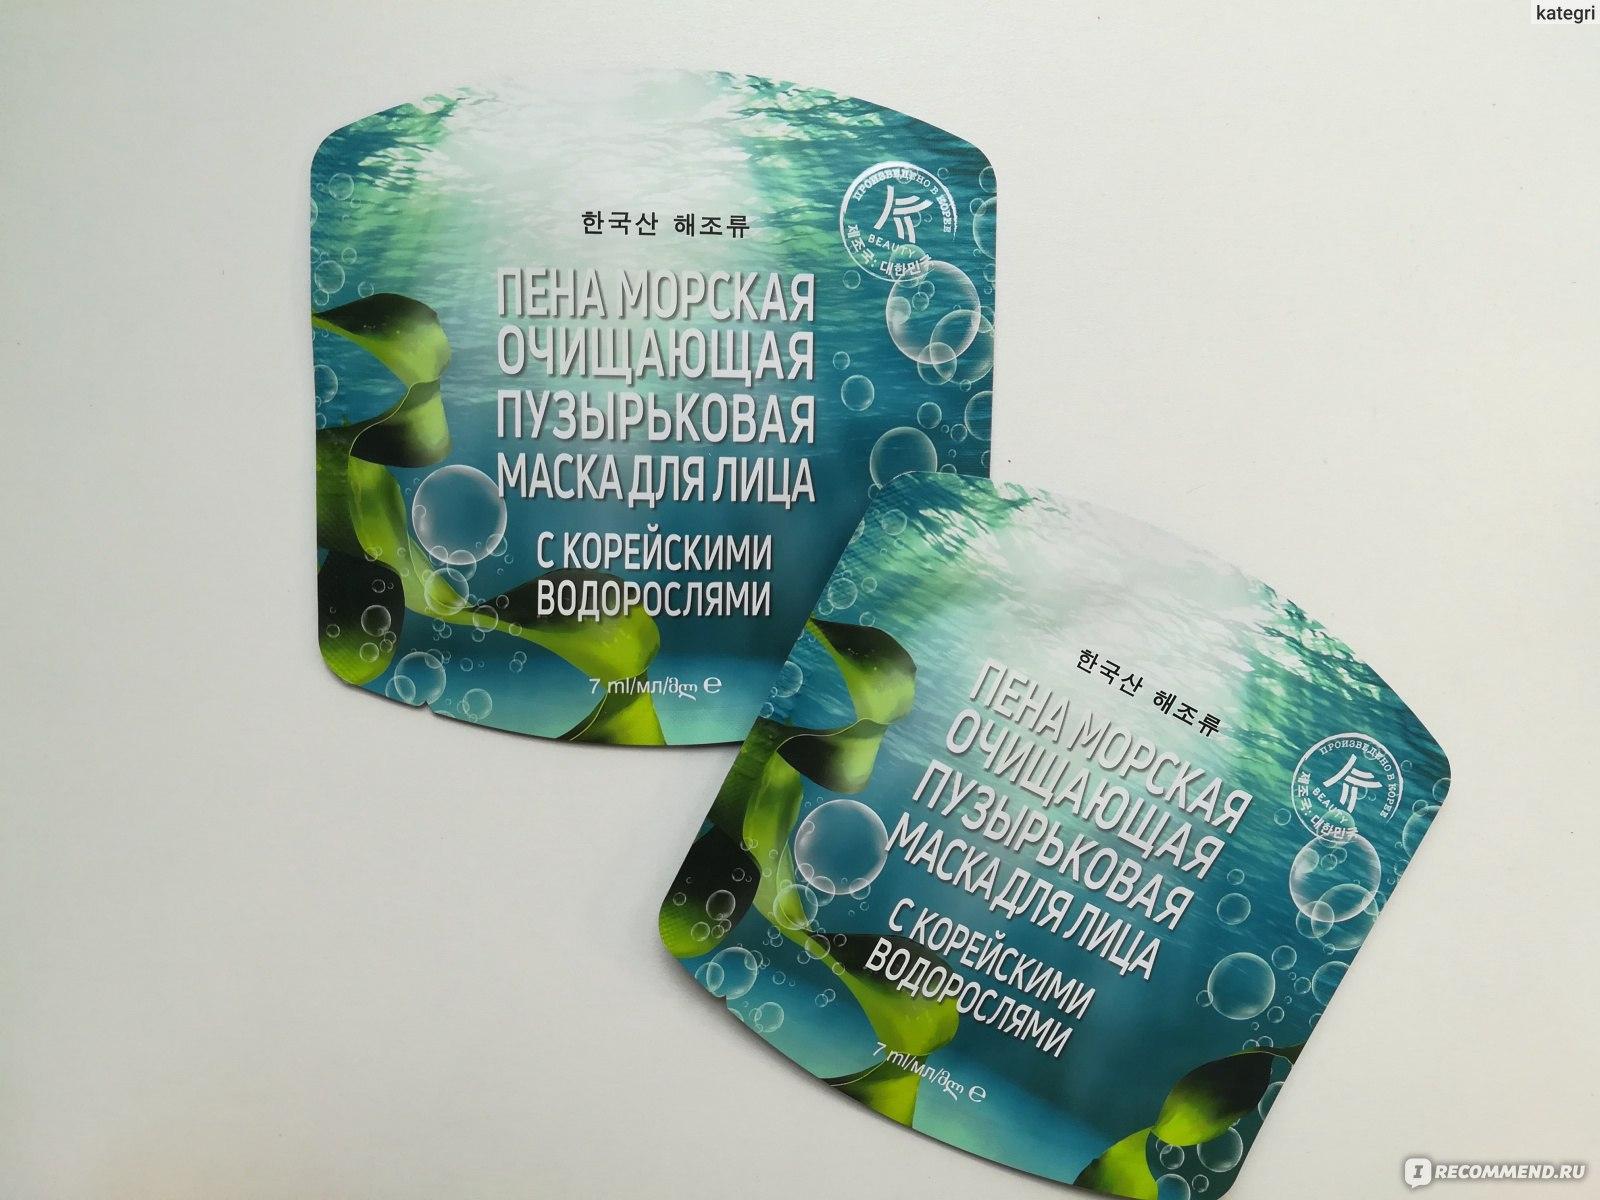 Пена морская очищающая пузырьковая маска для лица продукция компании эйвон